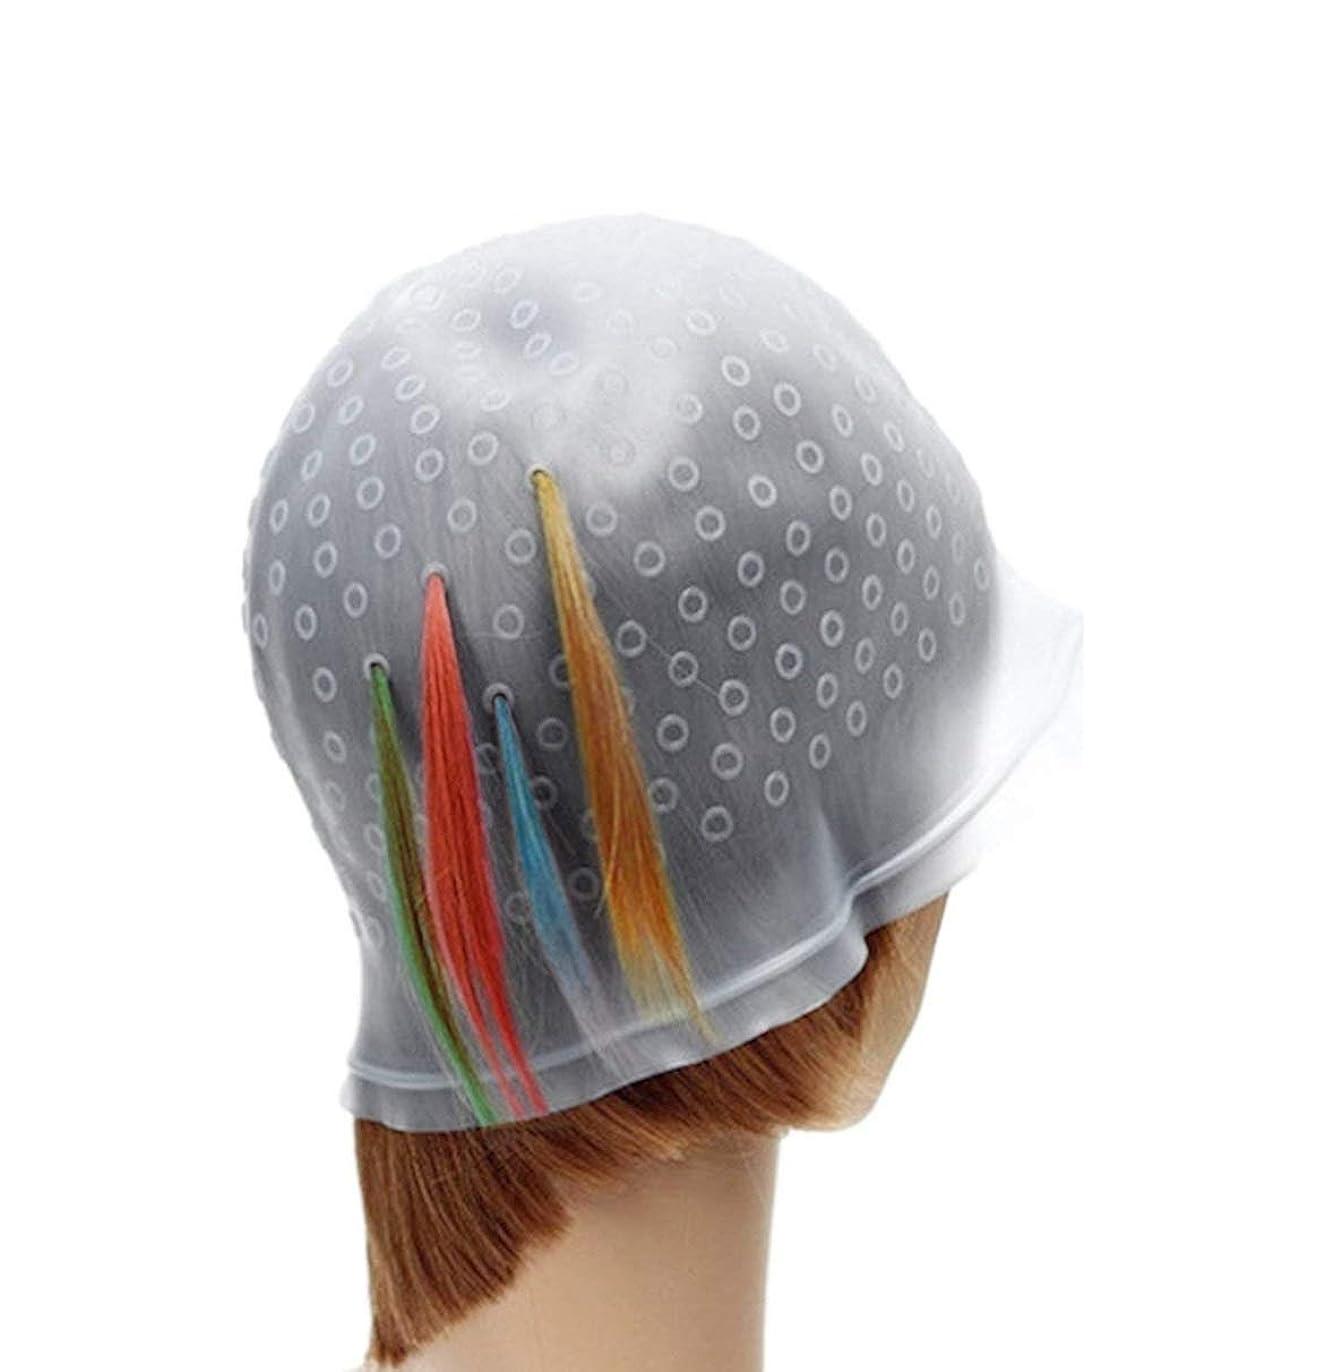 ブッシュ八百屋さん苗FACAI 洗って使える 毛染め ヘアカラー メッシュ 用 シリコン ヘア キャップ 穴あけポンチ シリコン キャップ (透明)